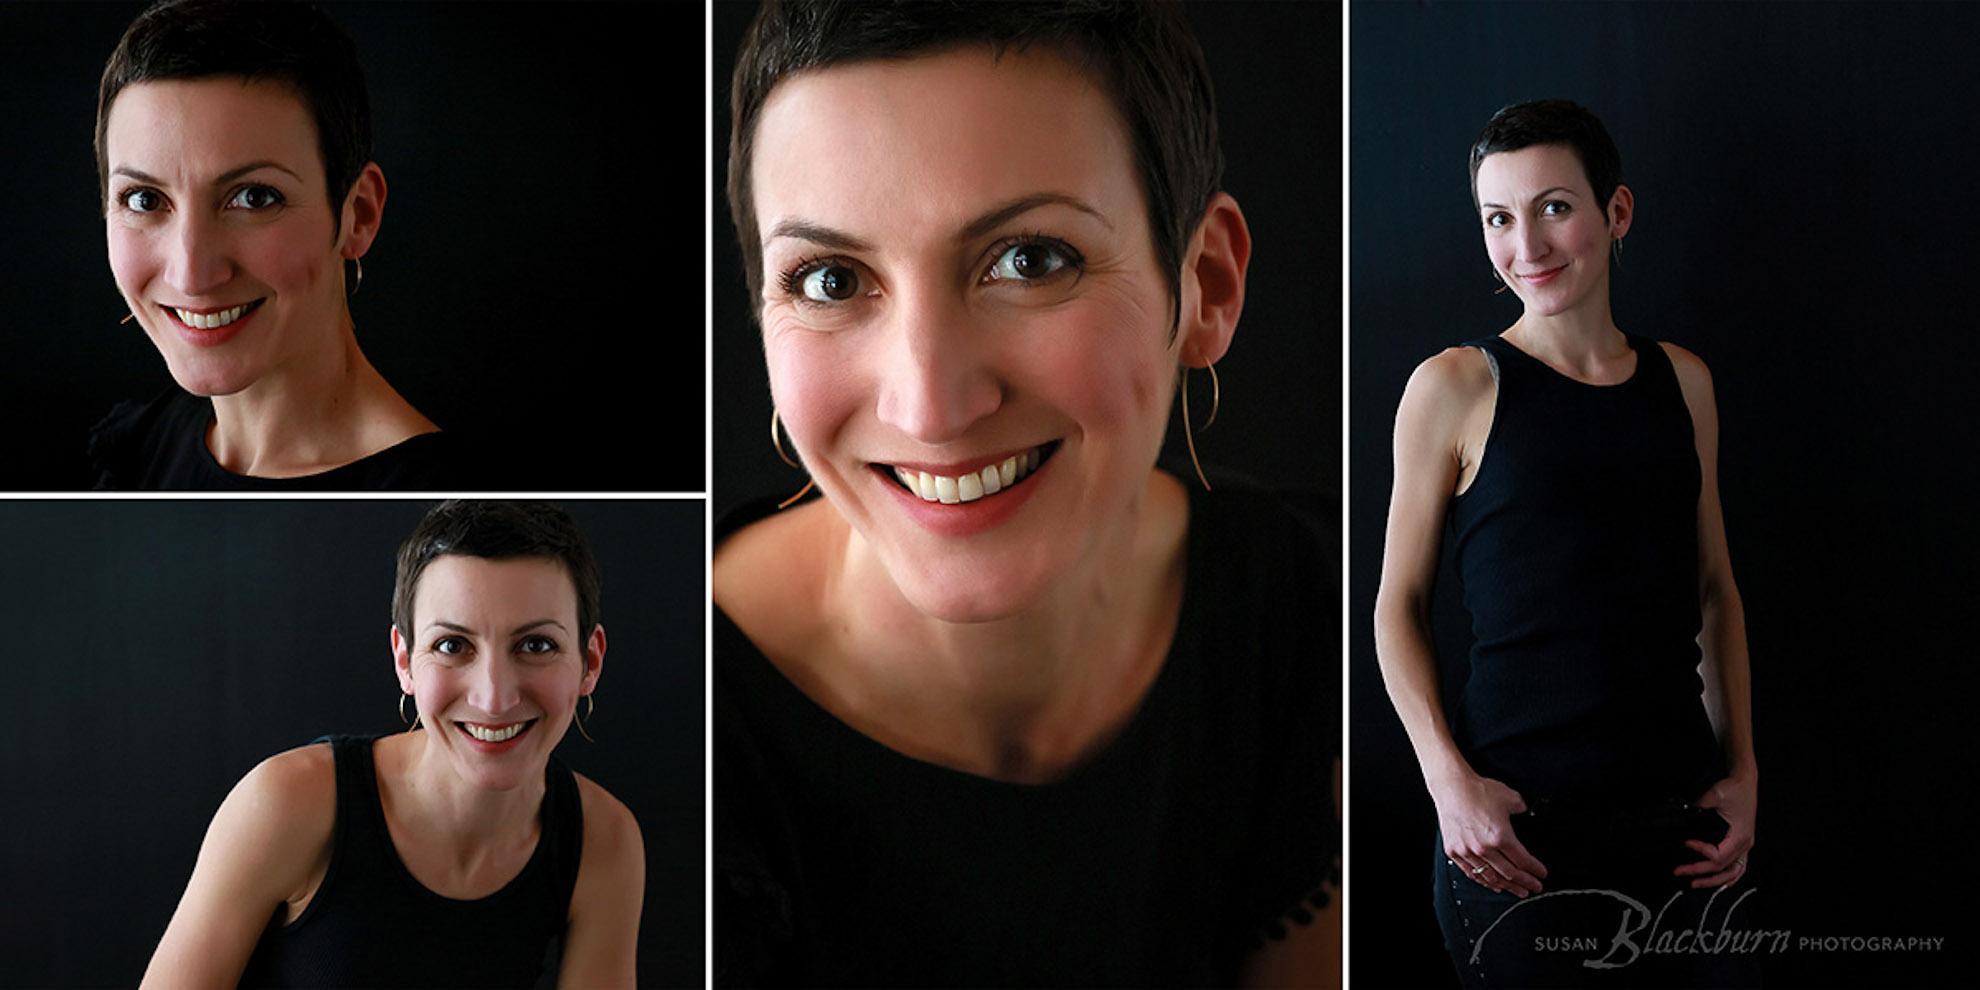 Saratoga NY Professional Head Shot Photos